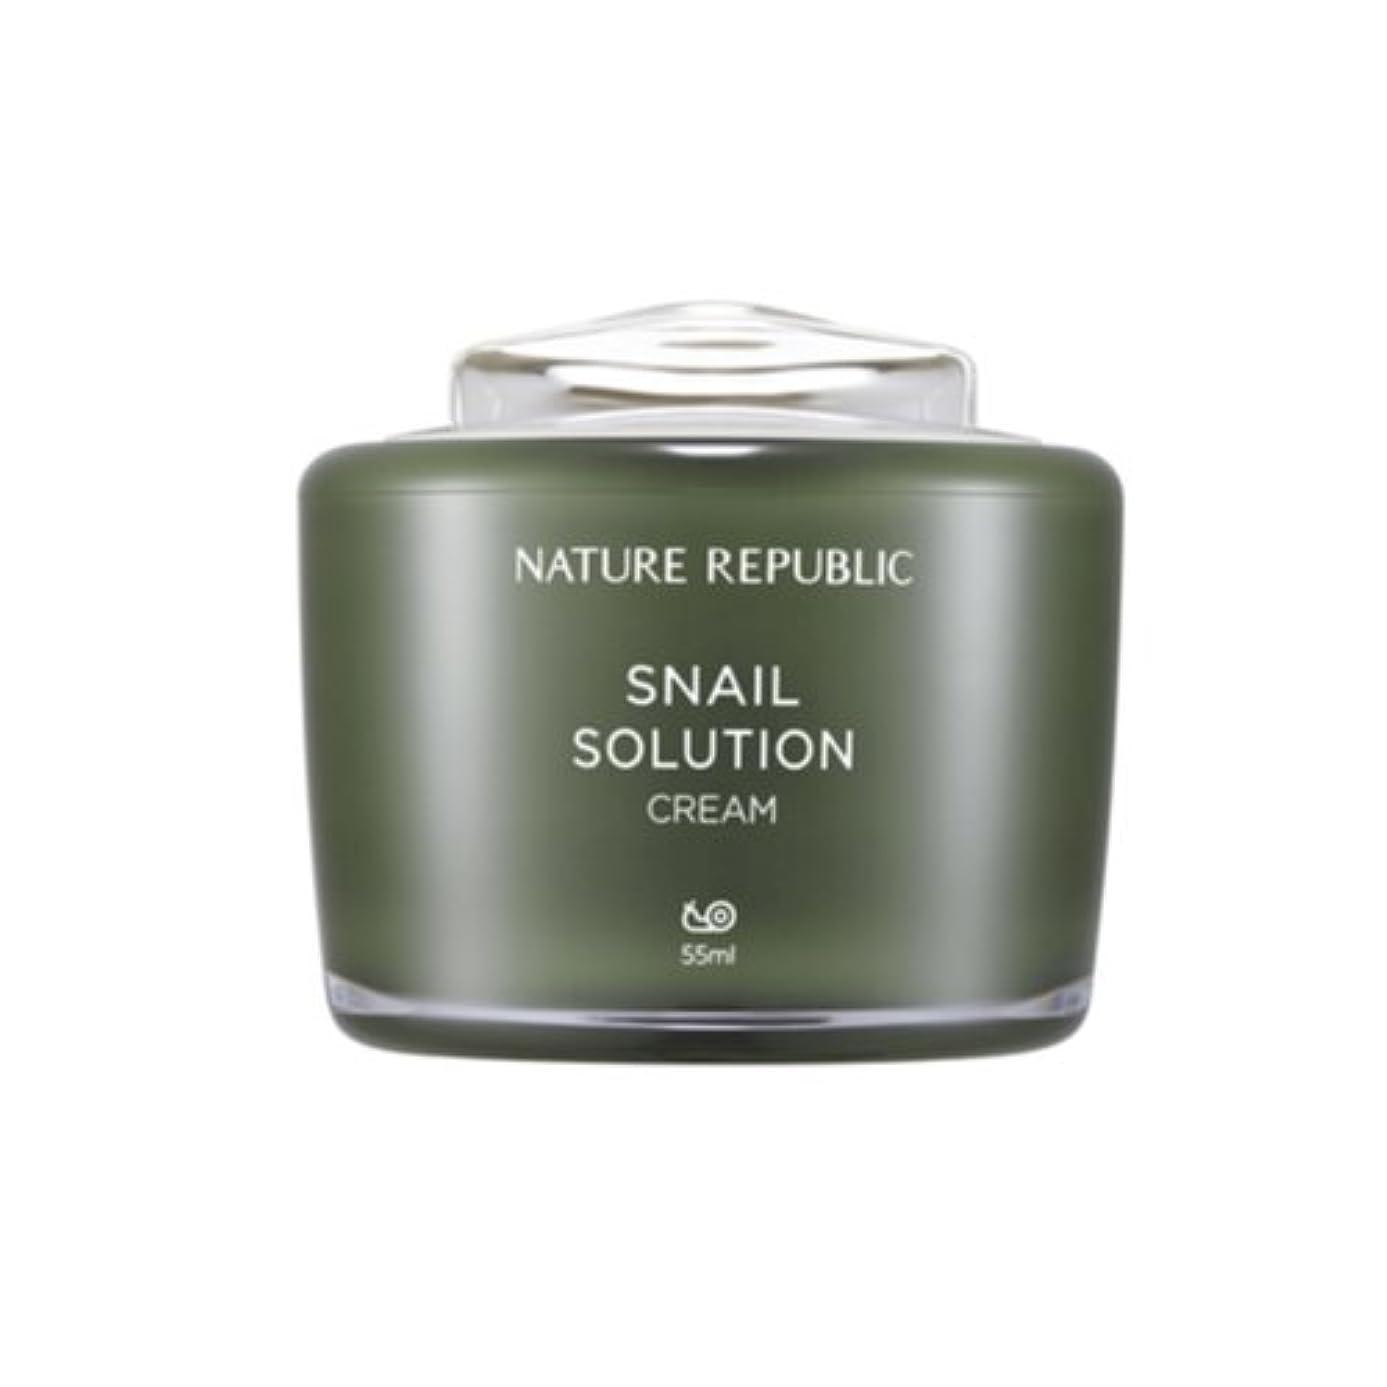 アンドリューハリディ短くする請求[ネイチャーリパブリック] Nature republicスネイルソリューションクリーム海外直送品(Snail Solution Cream) [並行輸入品]